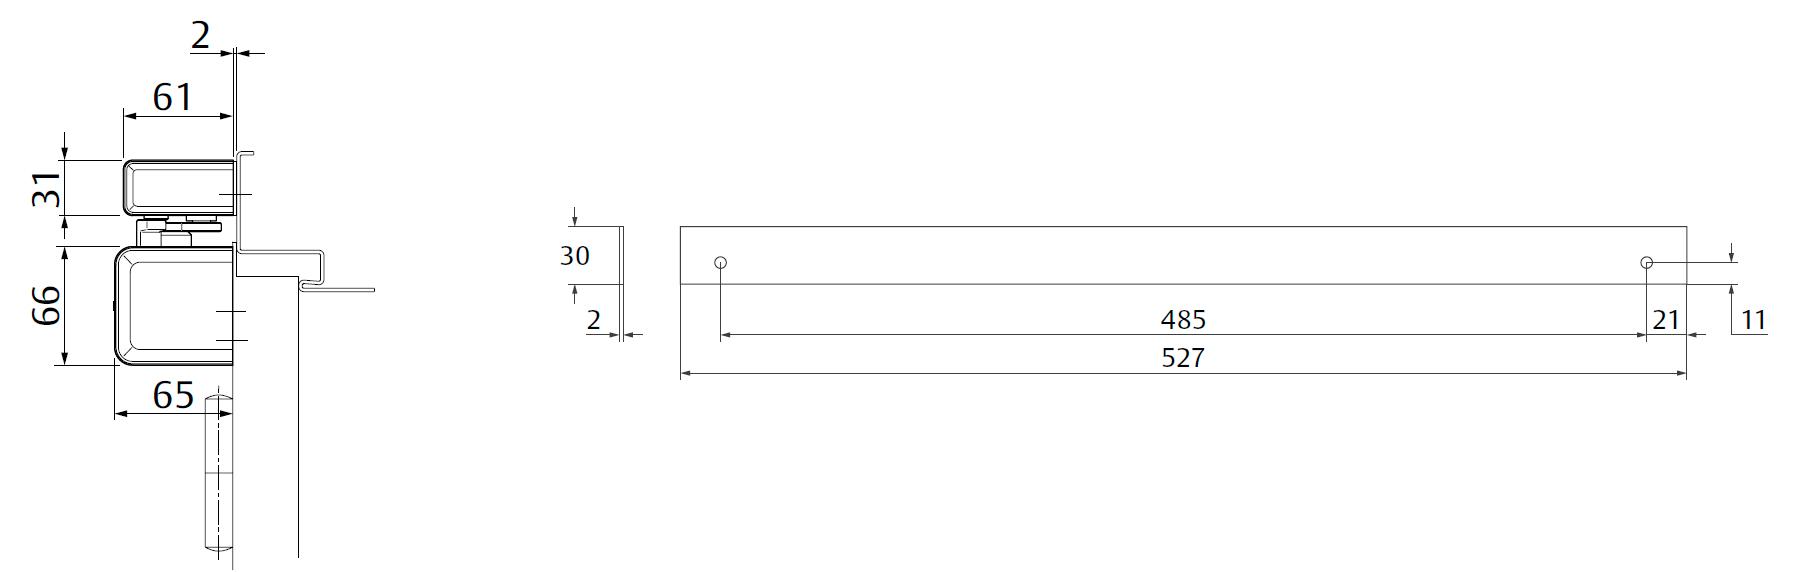 Крепежная пластина A230 / 2 мм Для монтажа скользящей тяги к дверям с притвором. Комбинация с A240, A250, A260